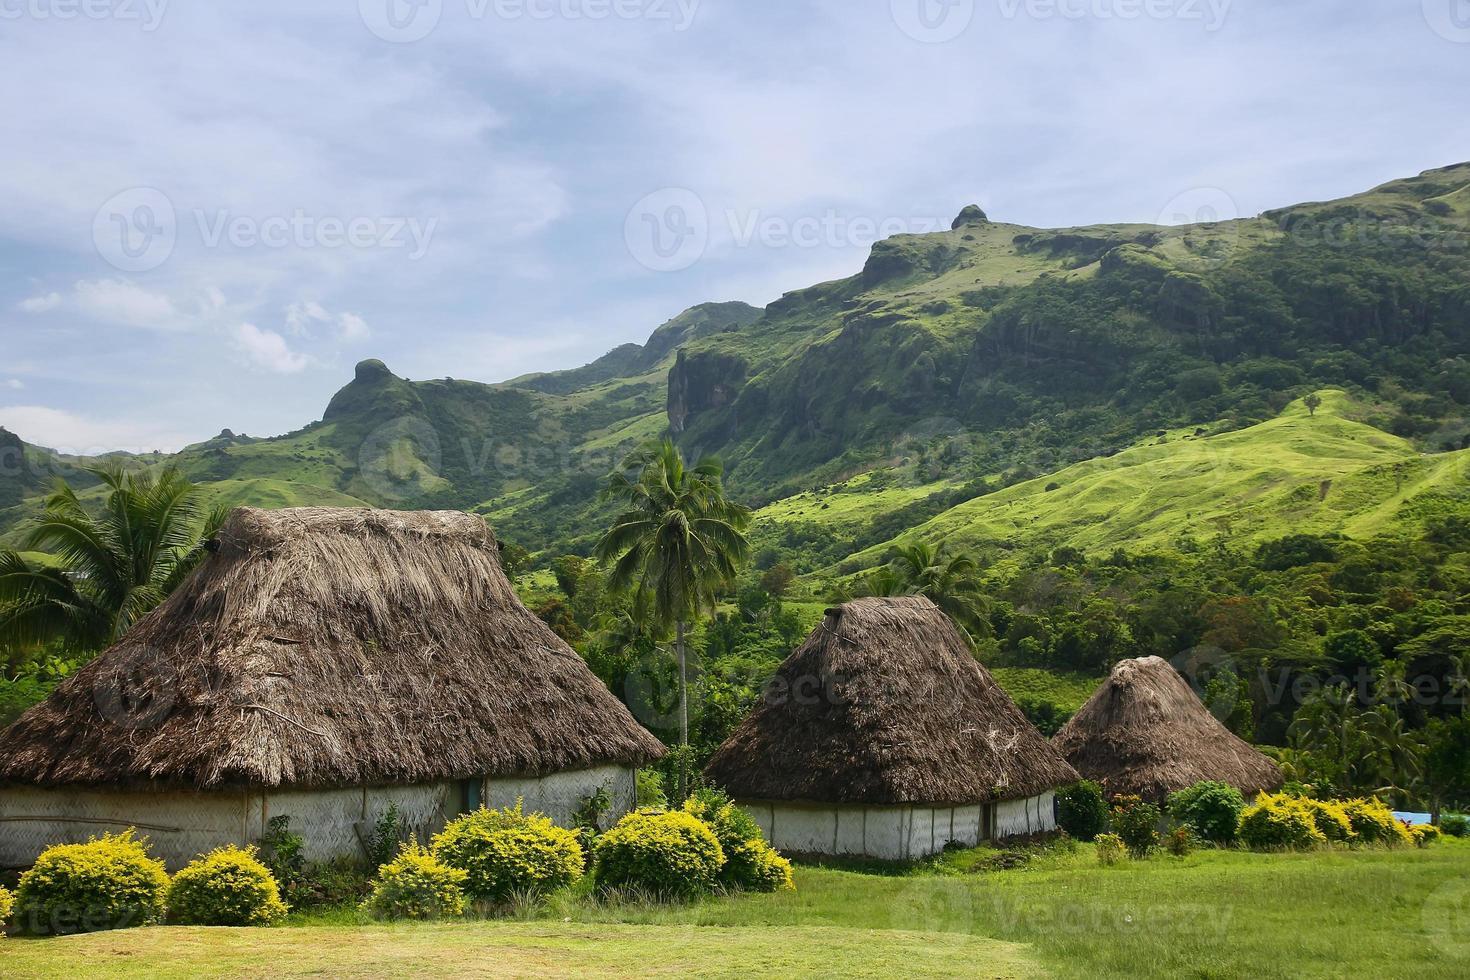 casas tradicionales del pueblo de navala, viti levu, fiji foto